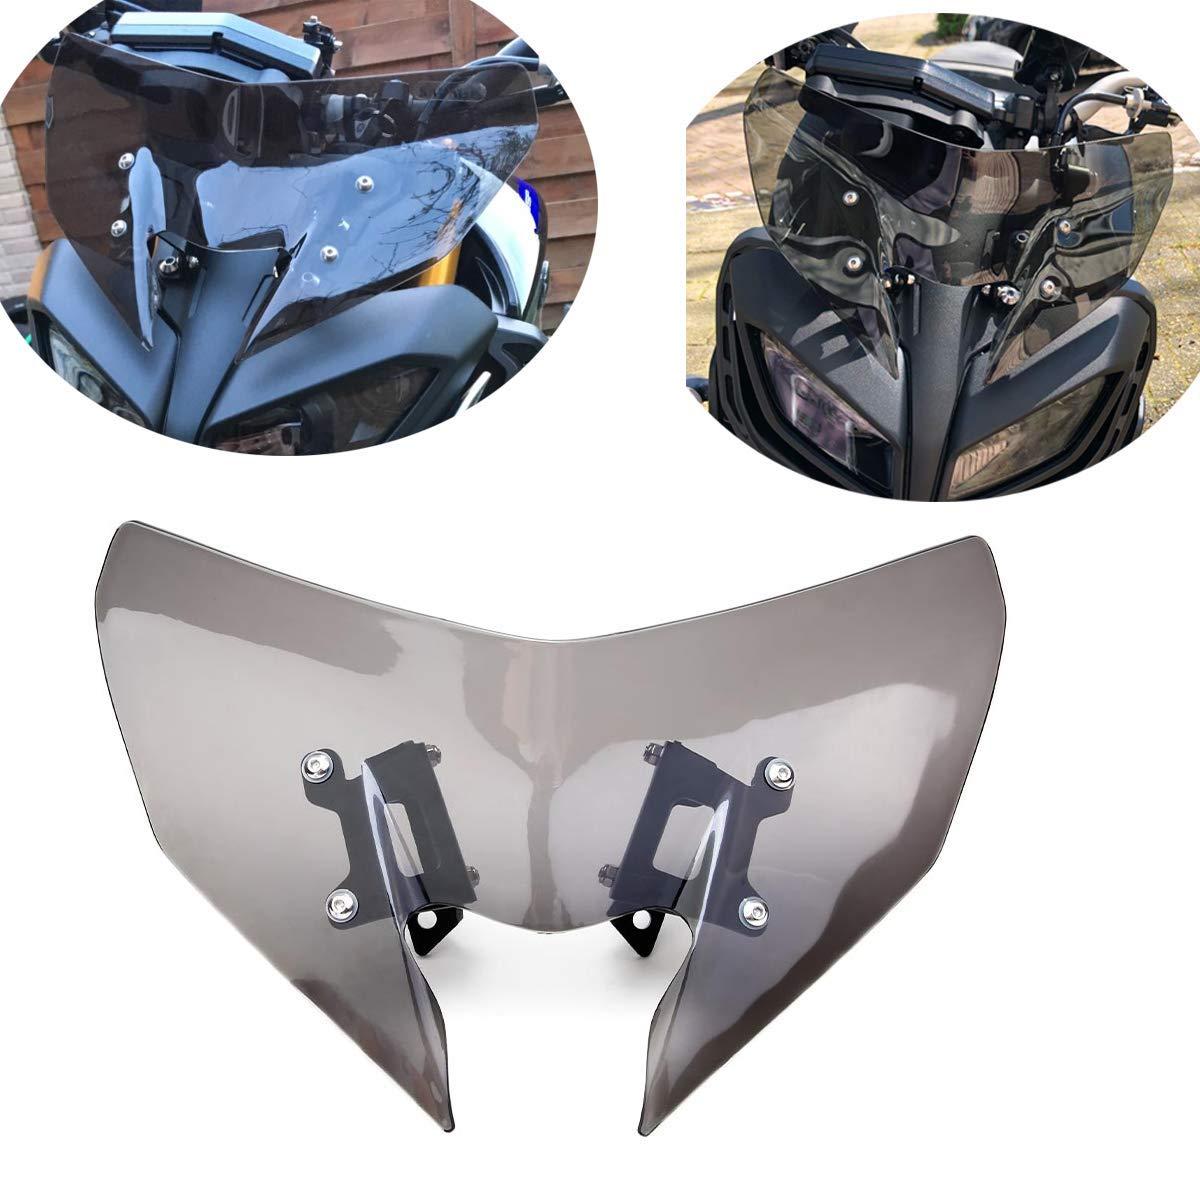 MT09 MT-09 Windschild Motorrad Windschutzscheibe Verkleidungsscheibe Besseren Windschutz f/ür Schutz des K/ühlers Kompatibel mit MT 09 MT09 MT-09 FZ09 FZ-09 2017-2019